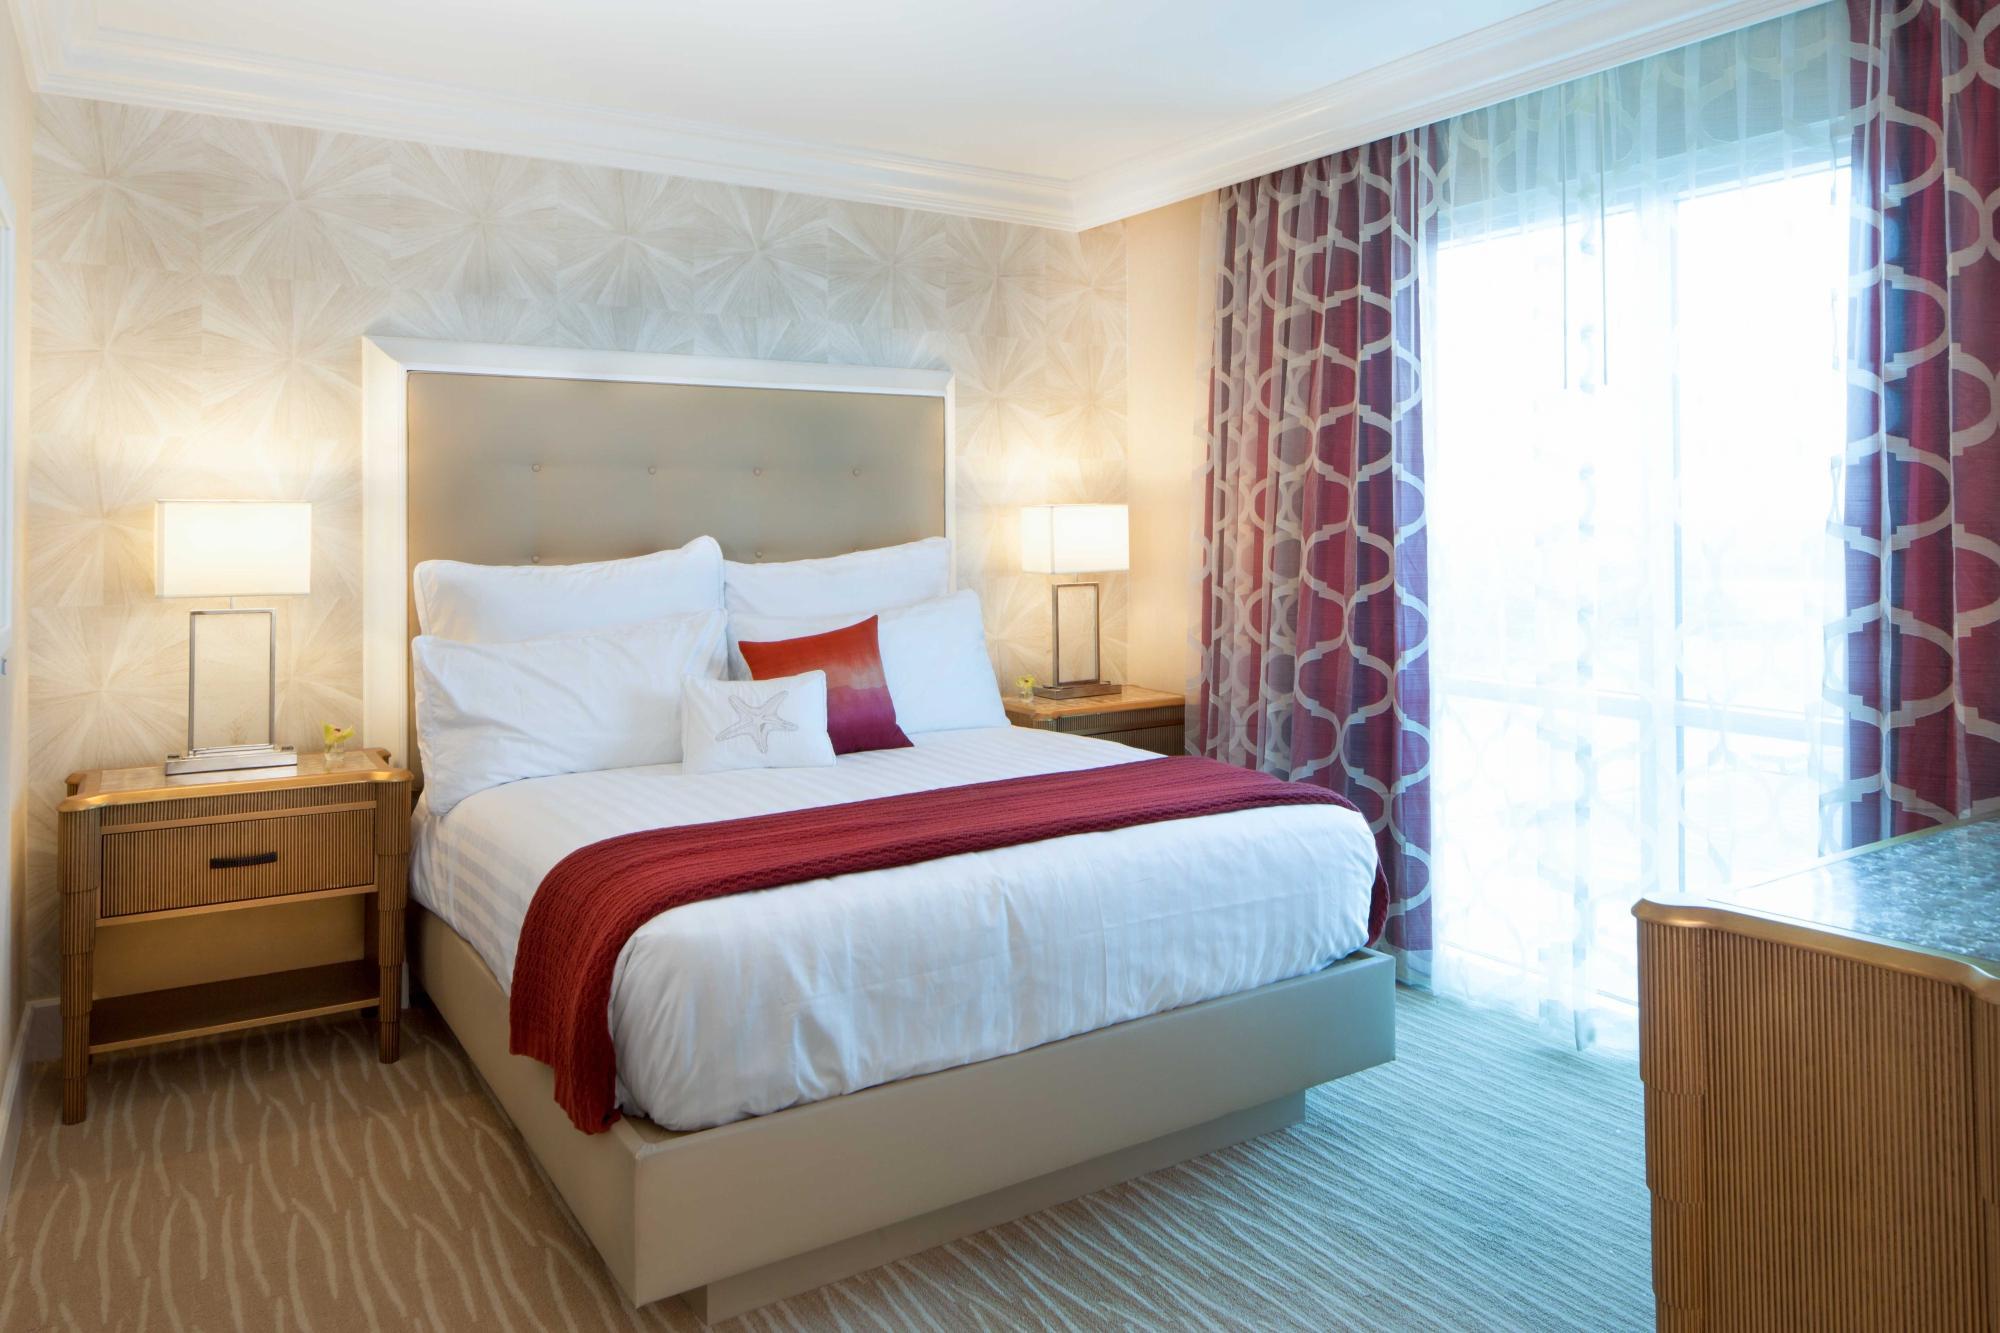 Margaritaville resort casino bossier city reviews